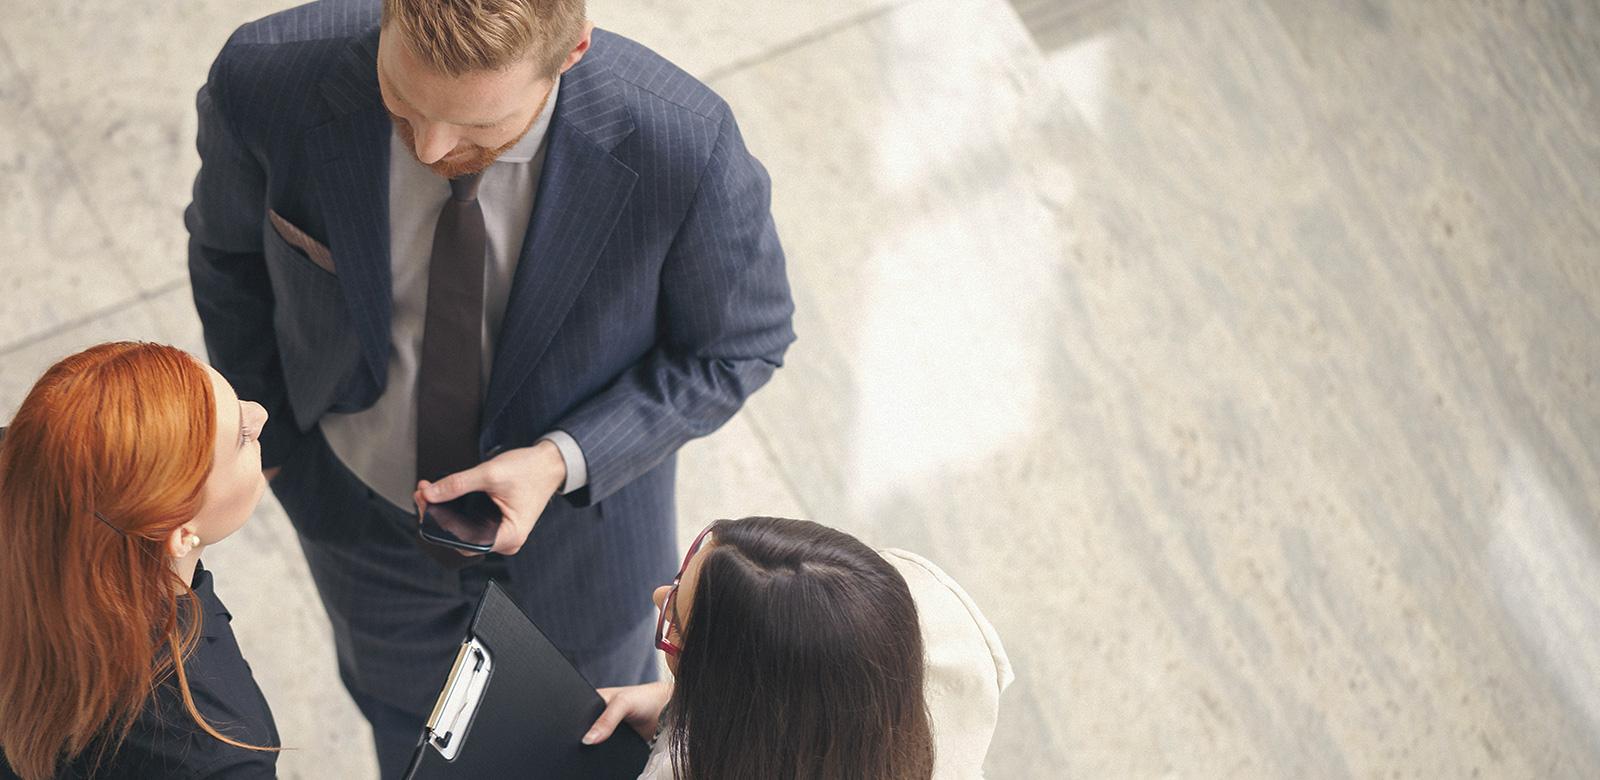 Avocats - Business Partner - conseil entreprises